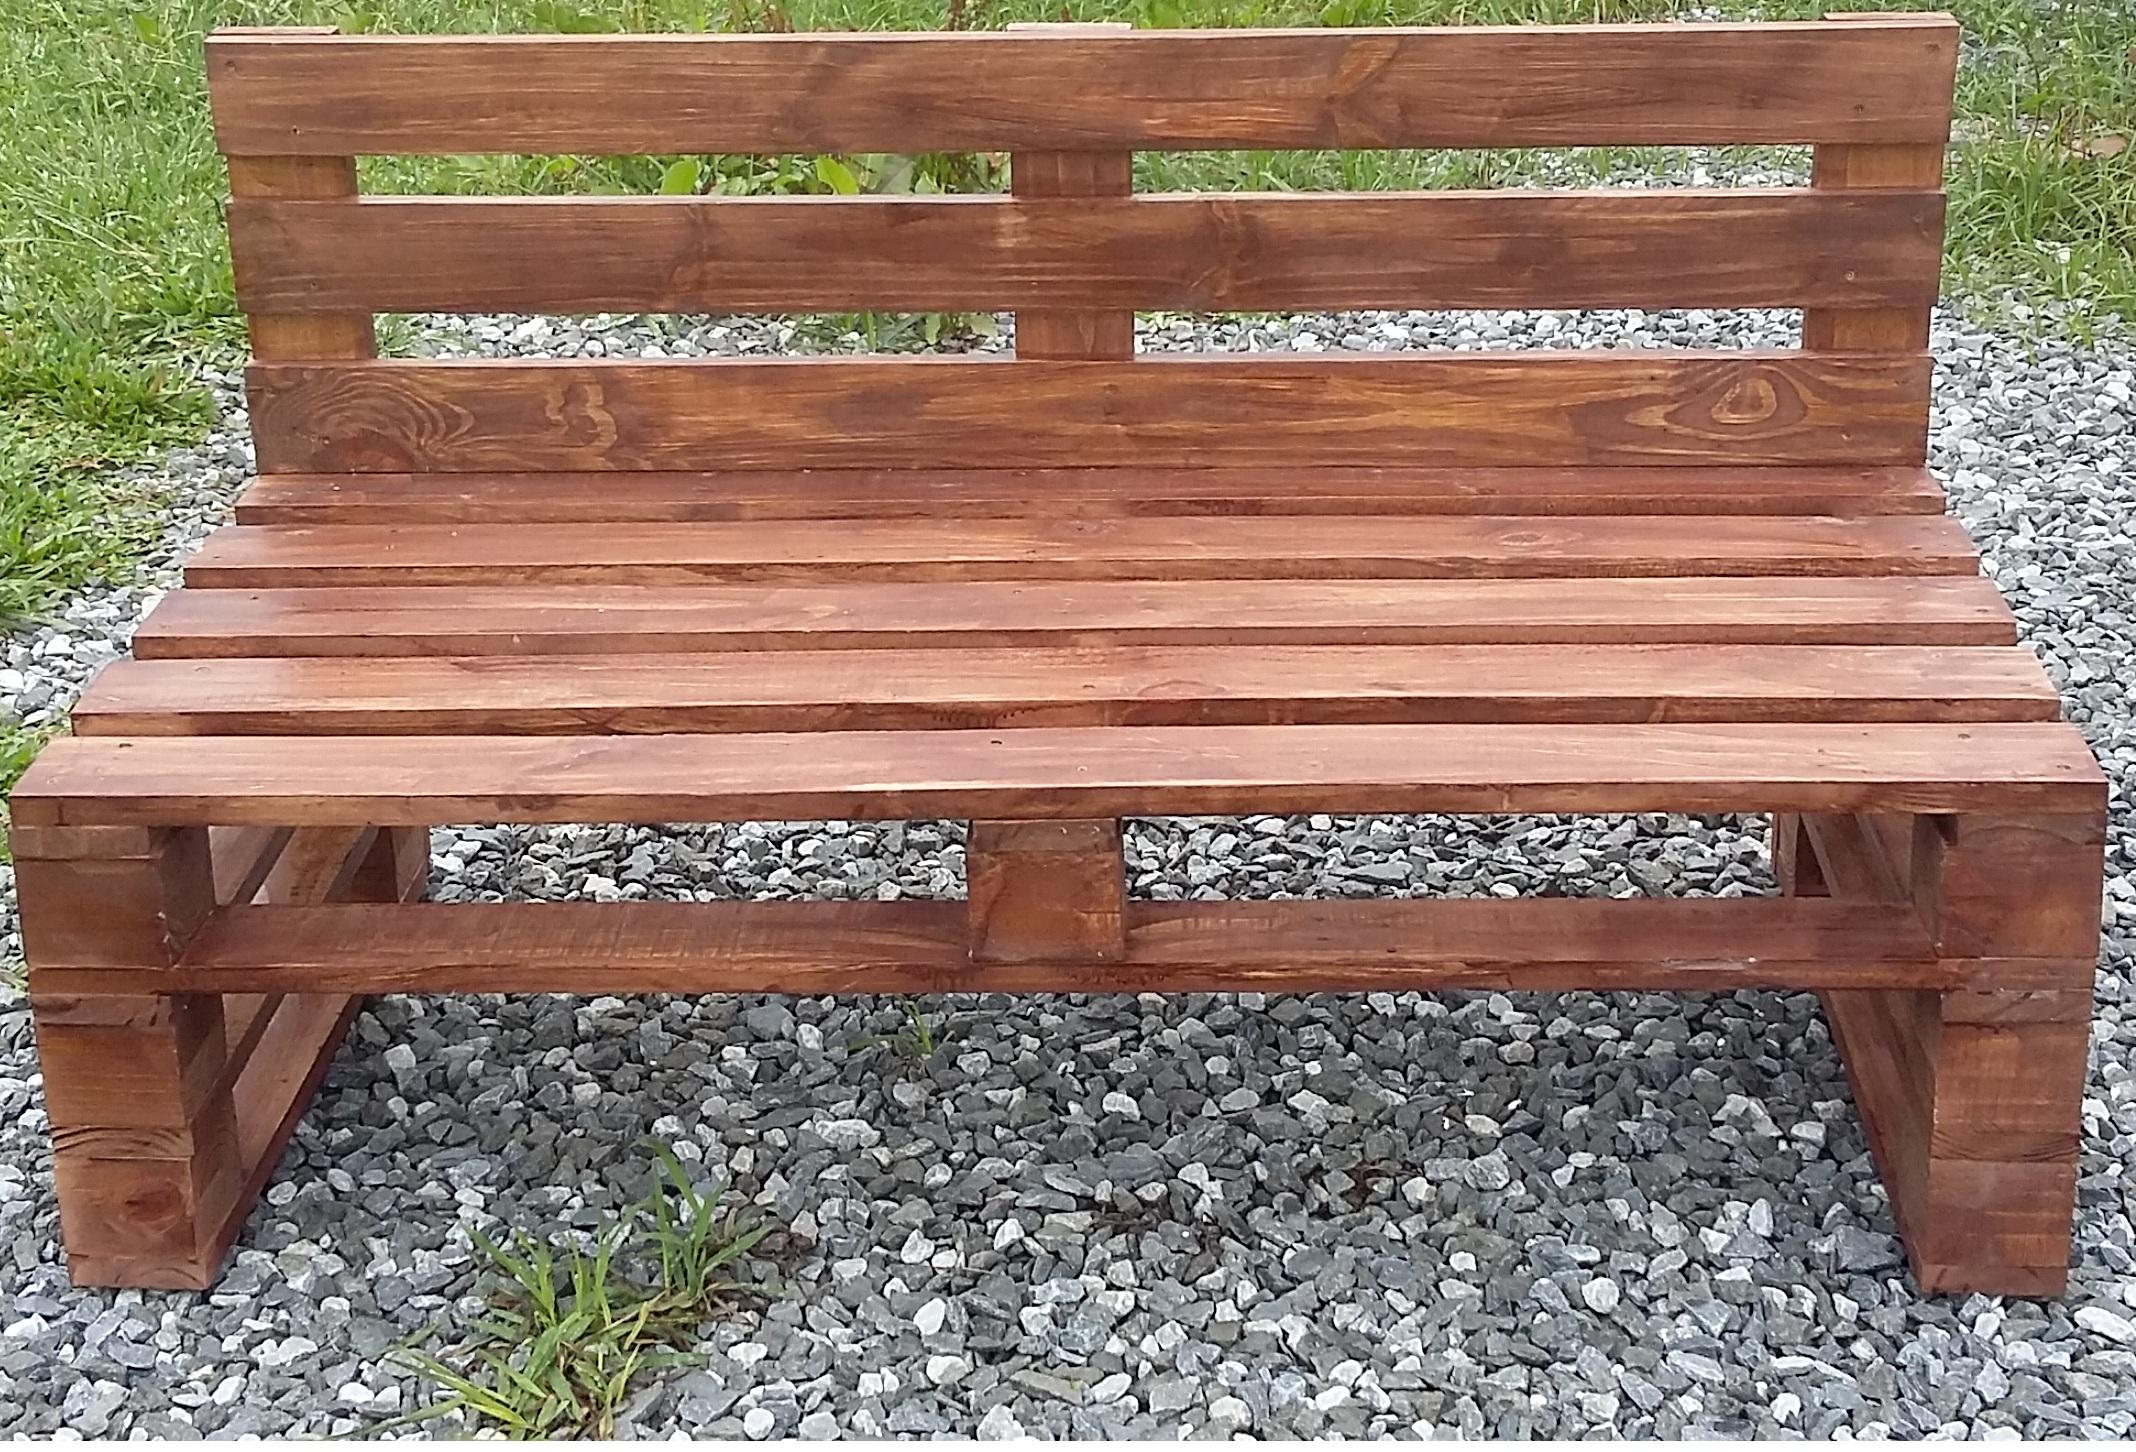 Comprar Sofa Usado Em Curitiba Sof Direto Da Fabrica Sof